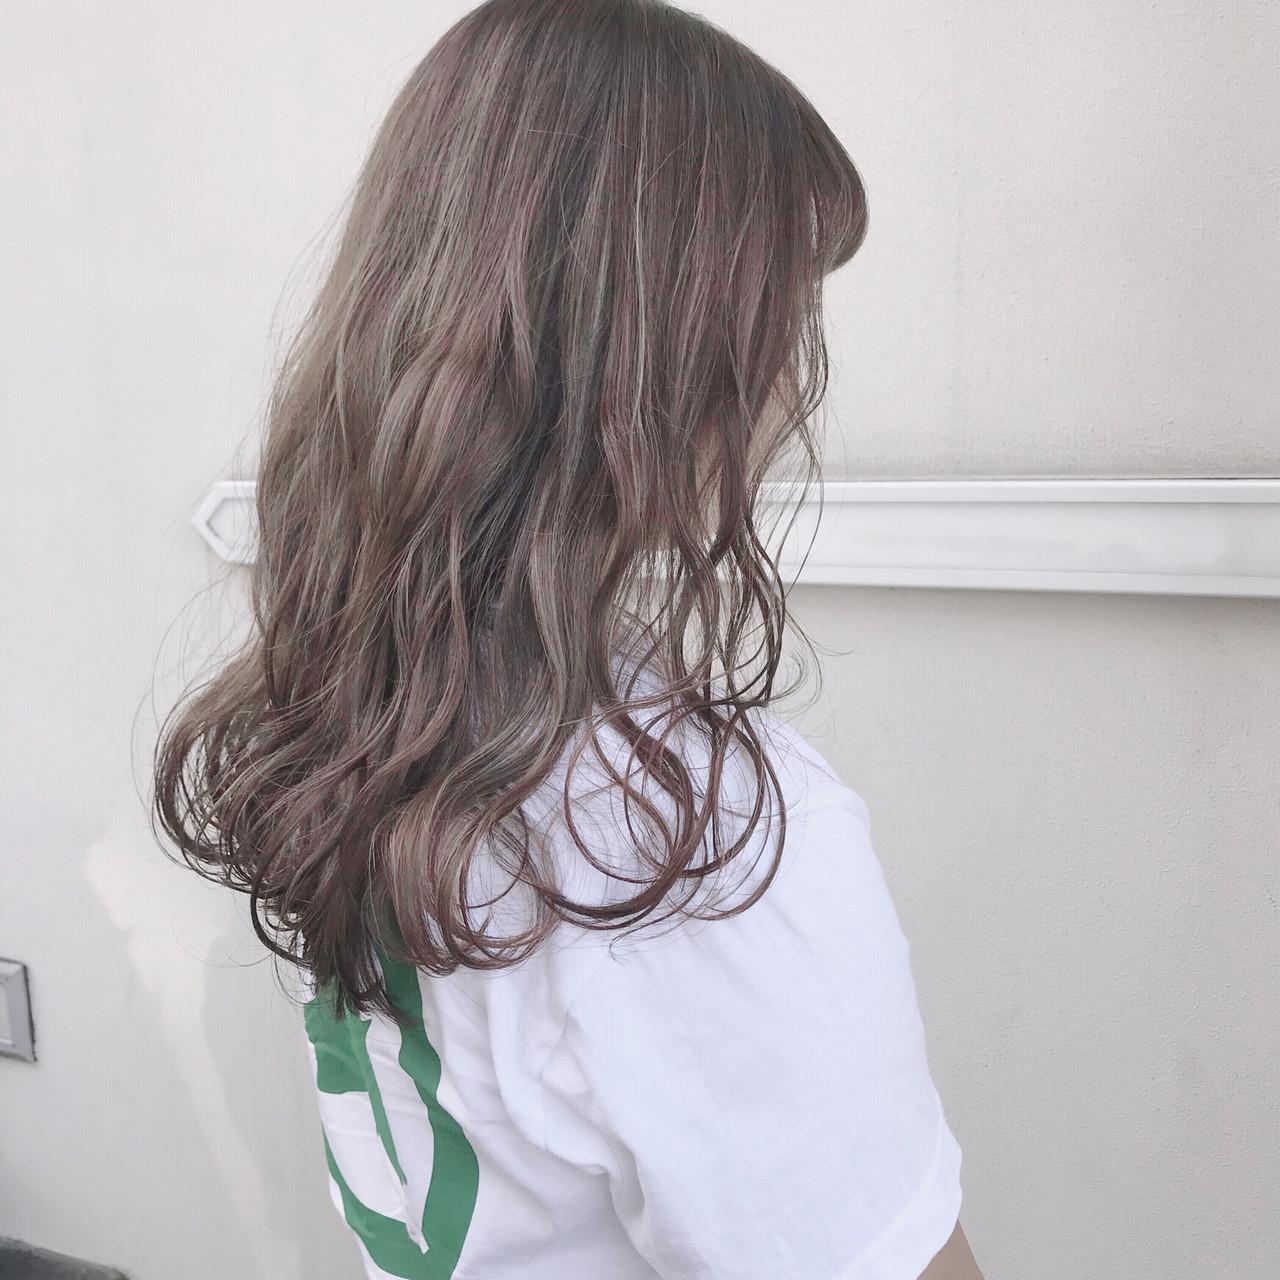 ミルクティーベージュ 外国人風カラー ベージュカラー ガーリー ヘアスタイルや髪型の写真・画像